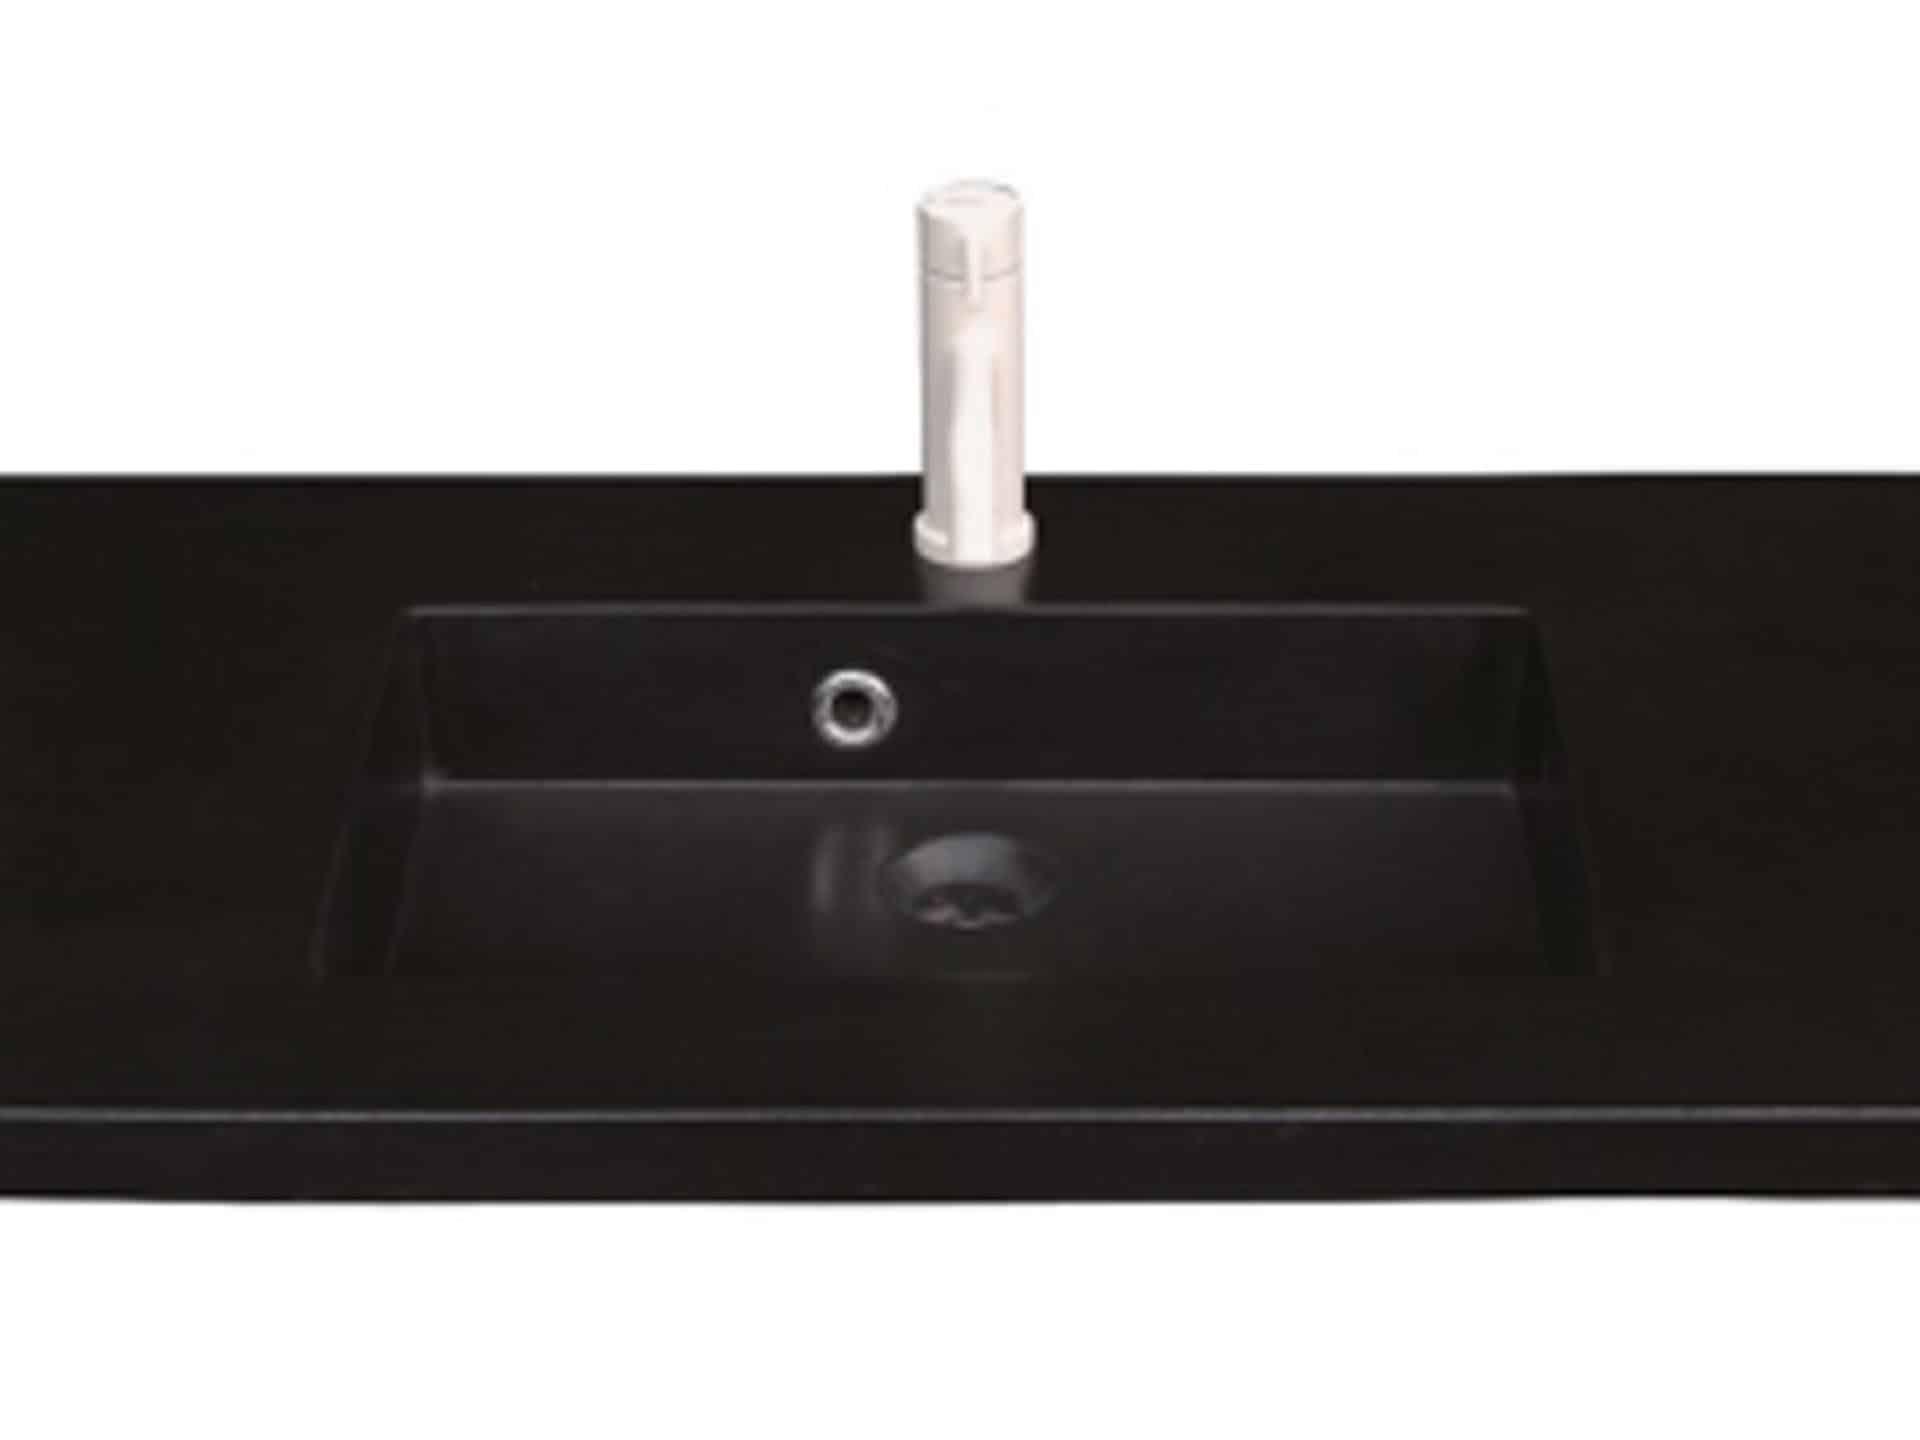 Lækker og simpel beton håndvask, med pæne afrundinger. Farven er i koksgrå - en fantastik flot og moderne betonfarve, der passer ind i ethvert badeværelse. Beton tåler ikke stærke rengøringsmidler, eller syreholdige produkter. Vi anbefaler derfor, at vasken rengøres i pH neutralt rengøringsmiddel. Vasken har målene: 123,2 x 54,5 x 3 cm. Materialet er normal beton som er blevet støbt i en form og bagefter vibreret for at få luftlommer ud af råmaterialet. Vasken kan bruges som fritstående vask - da vasken er flad i bunden er den velegnet til at placere direkte på en bordplade. Vasken er hensynsmæssigt designet med fine rundinger, som både giver vasken et eksklusivt udtryk og gør den rengøringsvenlig. Vasken vedligeholdes med voks - vi anbefaler en behandling med vores egen naturvoks ID12002 et par gange om året for at opnå optimalt look.